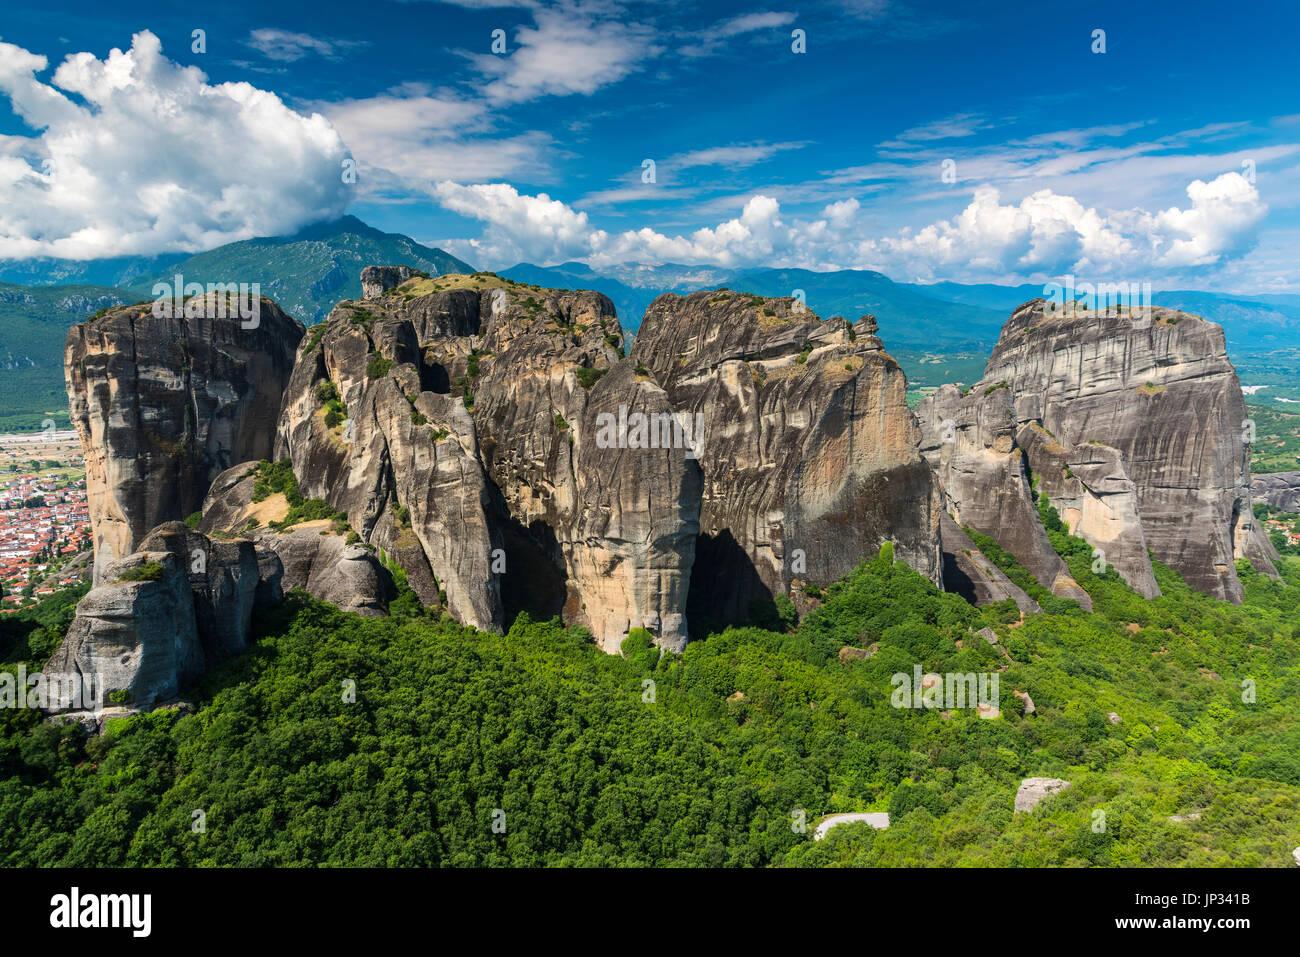 Le massif rocheux escarpés spectaculaire des météores, Thessalie, Grèce Photo Stock